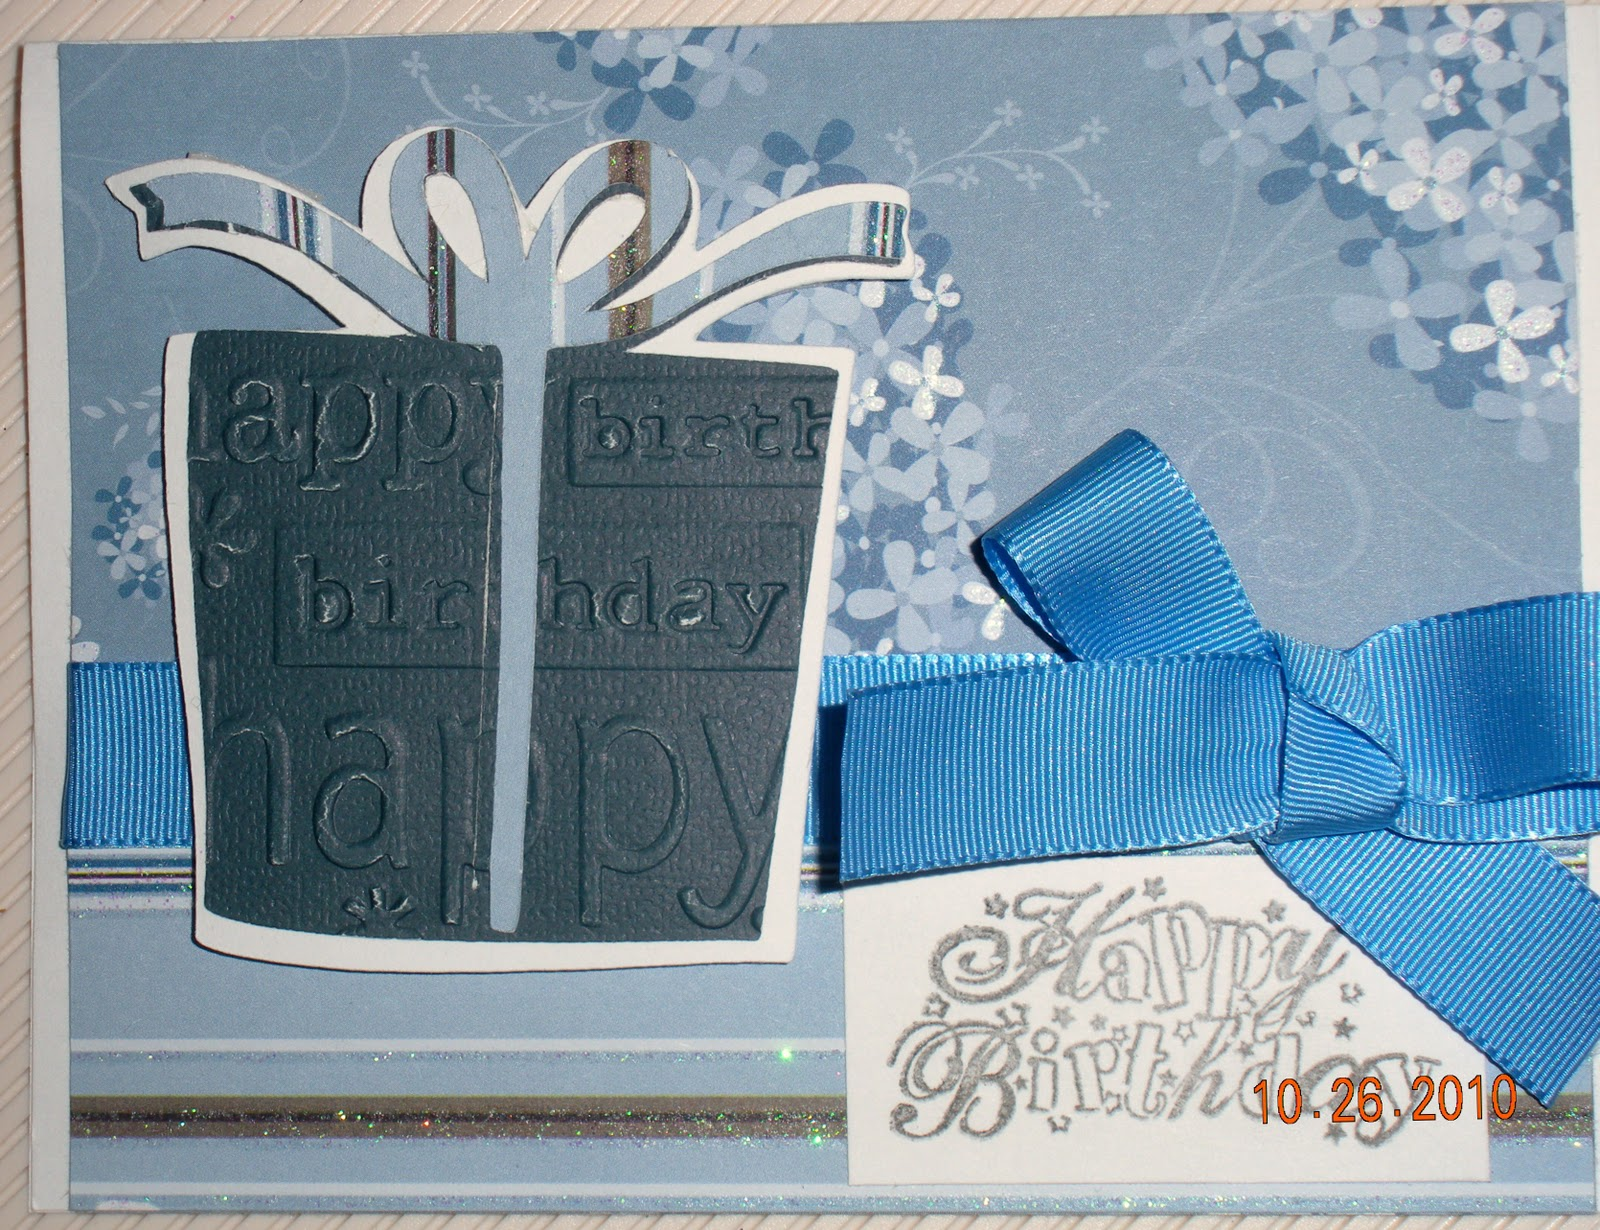 http://1.bp.blogspot.com/_JAkYetyvqaY/TMd4_EqD_PI/AAAAAAAAAEA/CYPVamwMc_M/s1600/HappyBirthday%20Card2.jpg